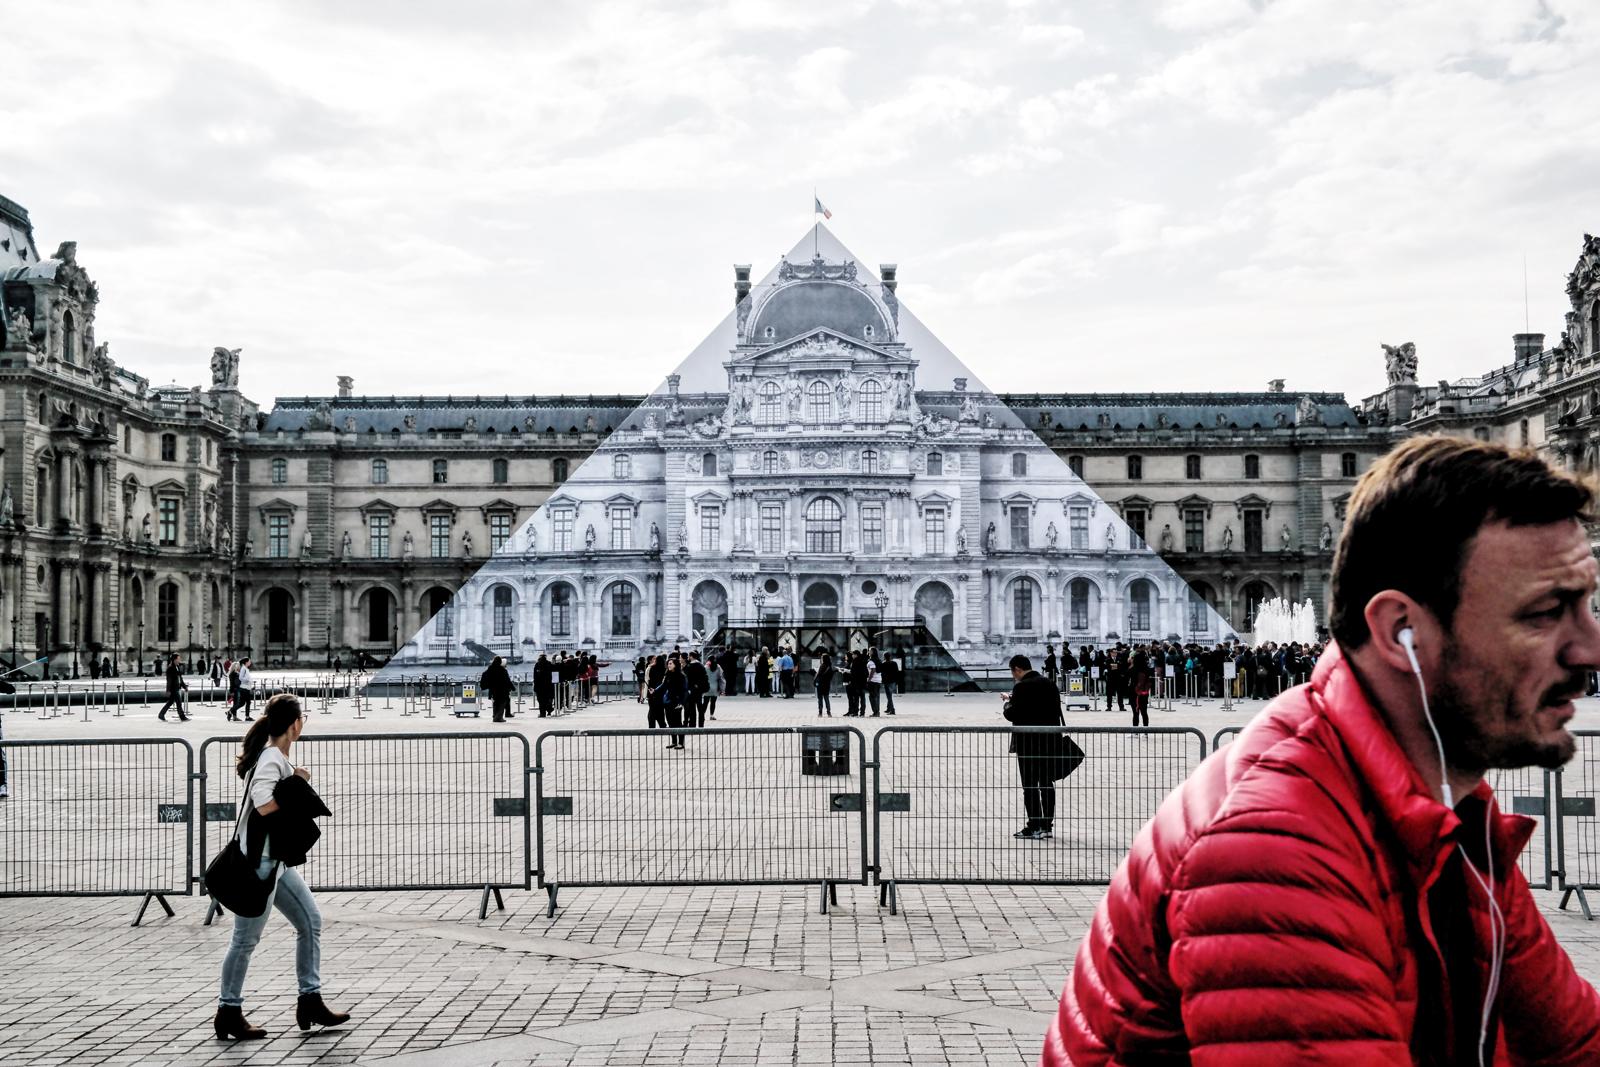 JR au Louvre installation collage sur la pyramide du musée du Louvre par le street artiste mai juin 2016 photo united states of paris blog usofparis